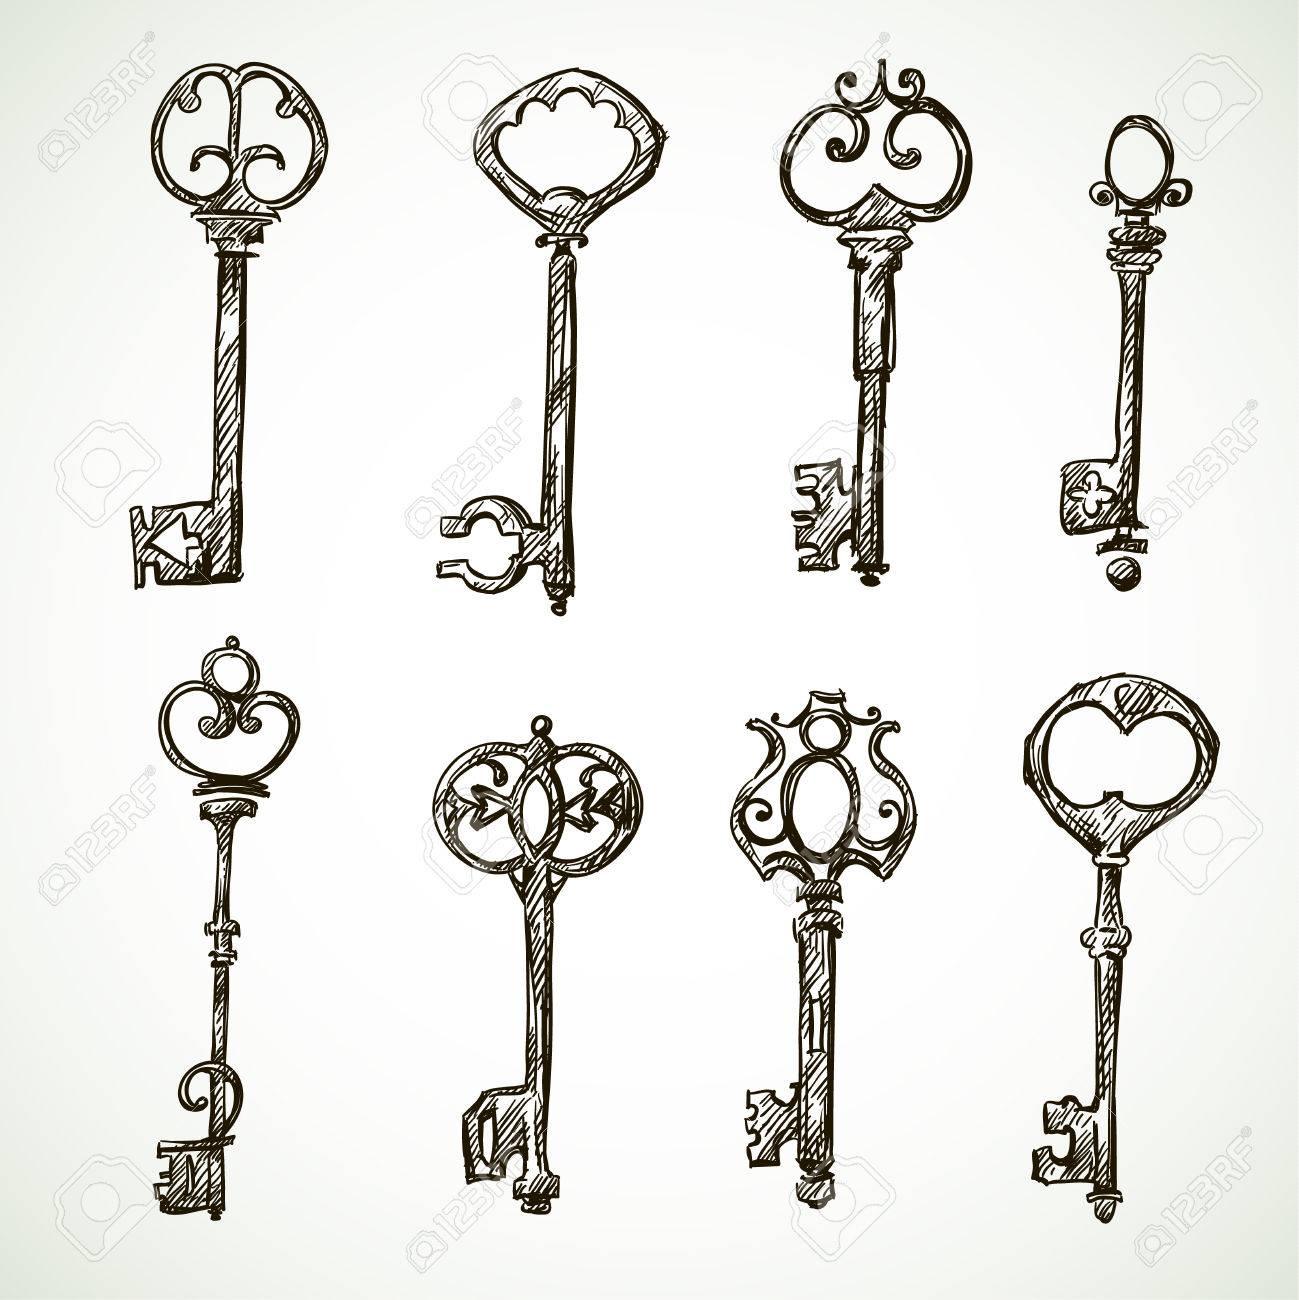 Set of vintage keys drawings doodle style